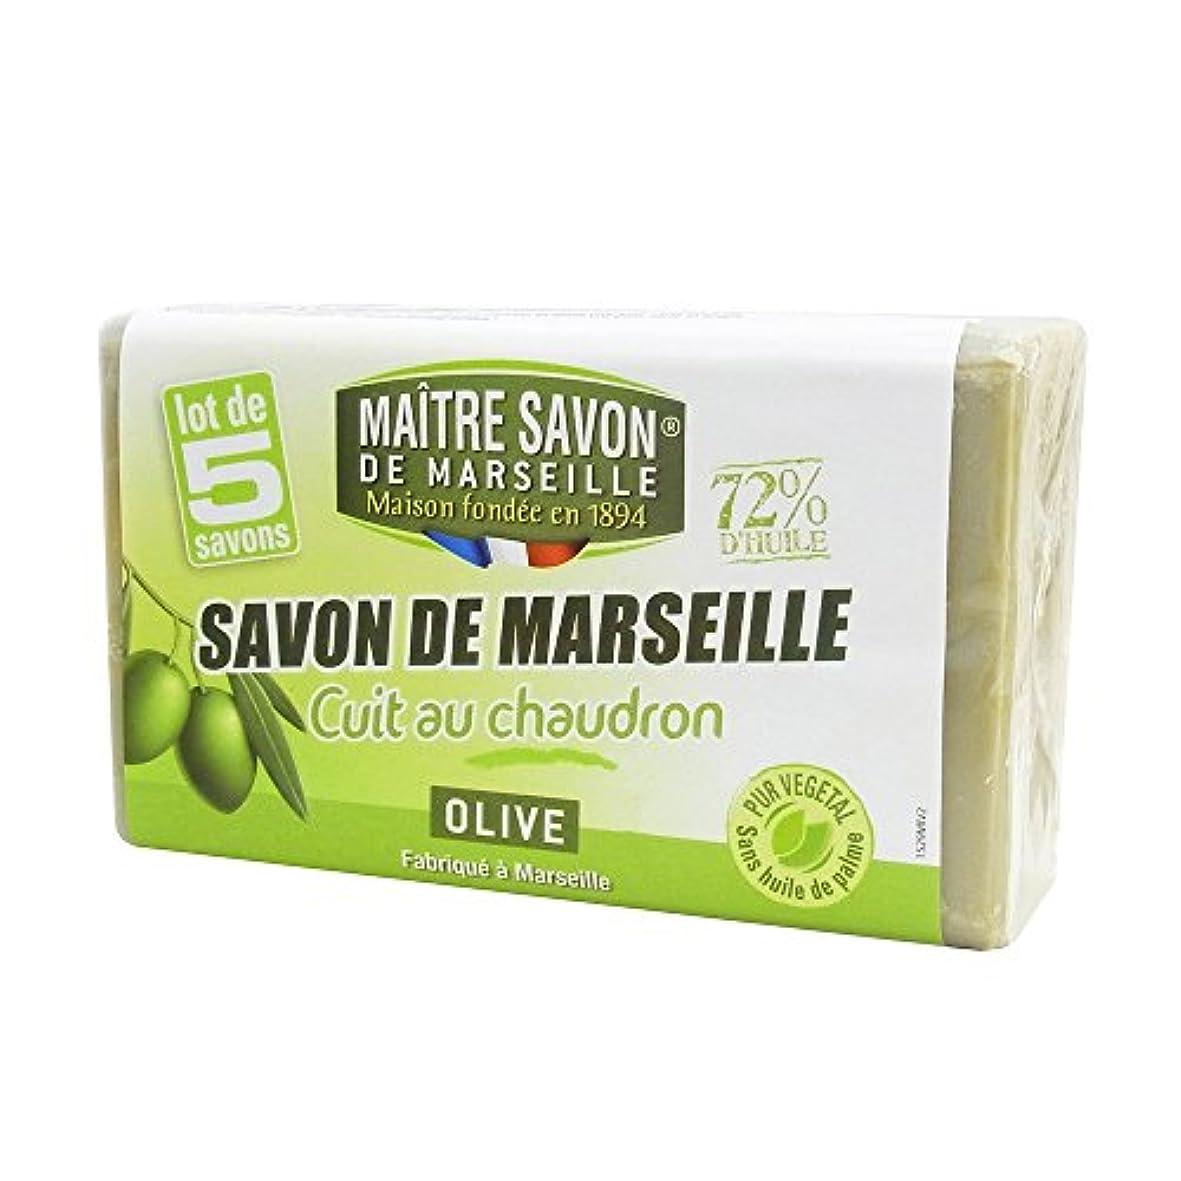 ブルゴーニュ戻る噂Maitre Savon de Marseille(メートル?サボン?ド?マルセイユ) サボン?ド?マルセイユ オリーブ 100g×5個